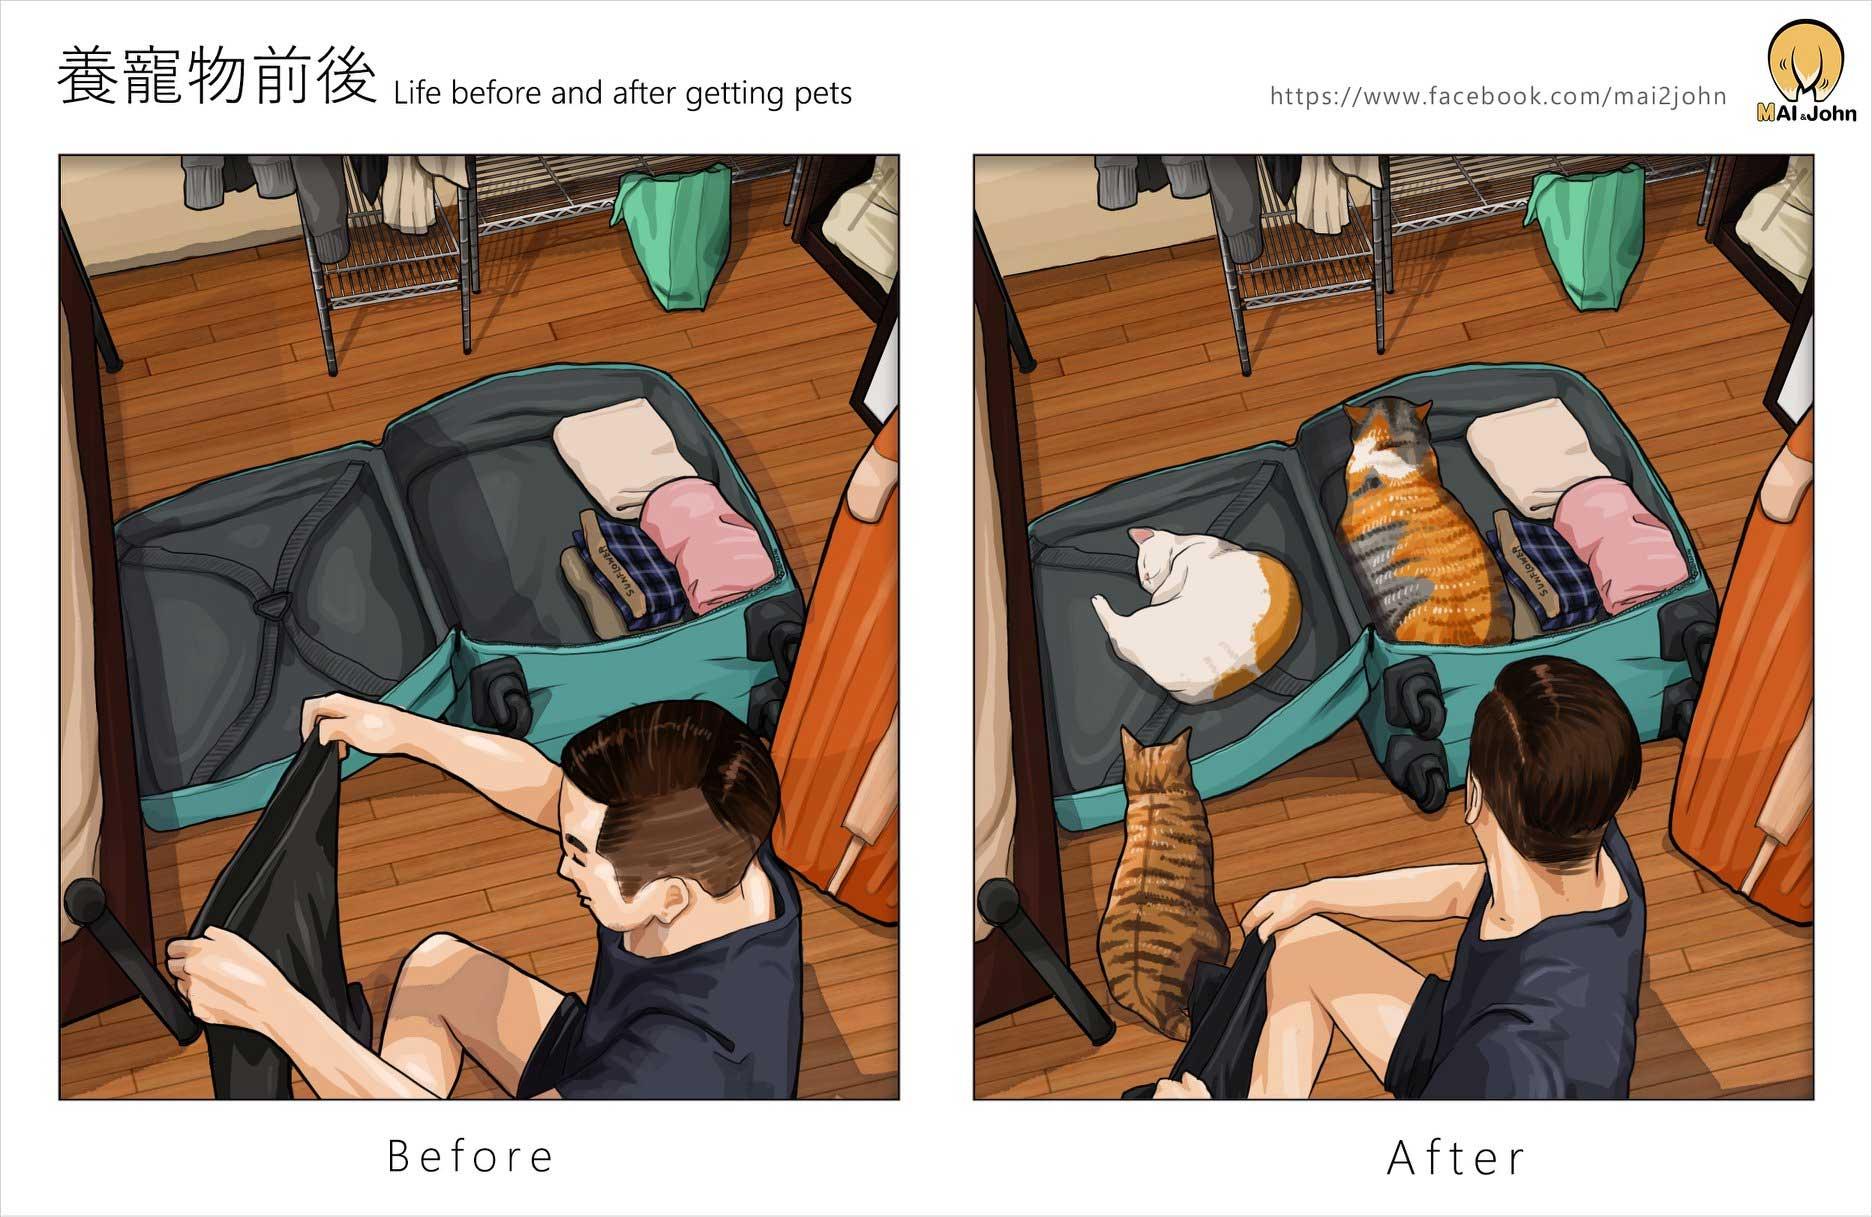 Das Leben vor und nach dem Anschaffen von Haustieren maijohn-life-with-pets_08